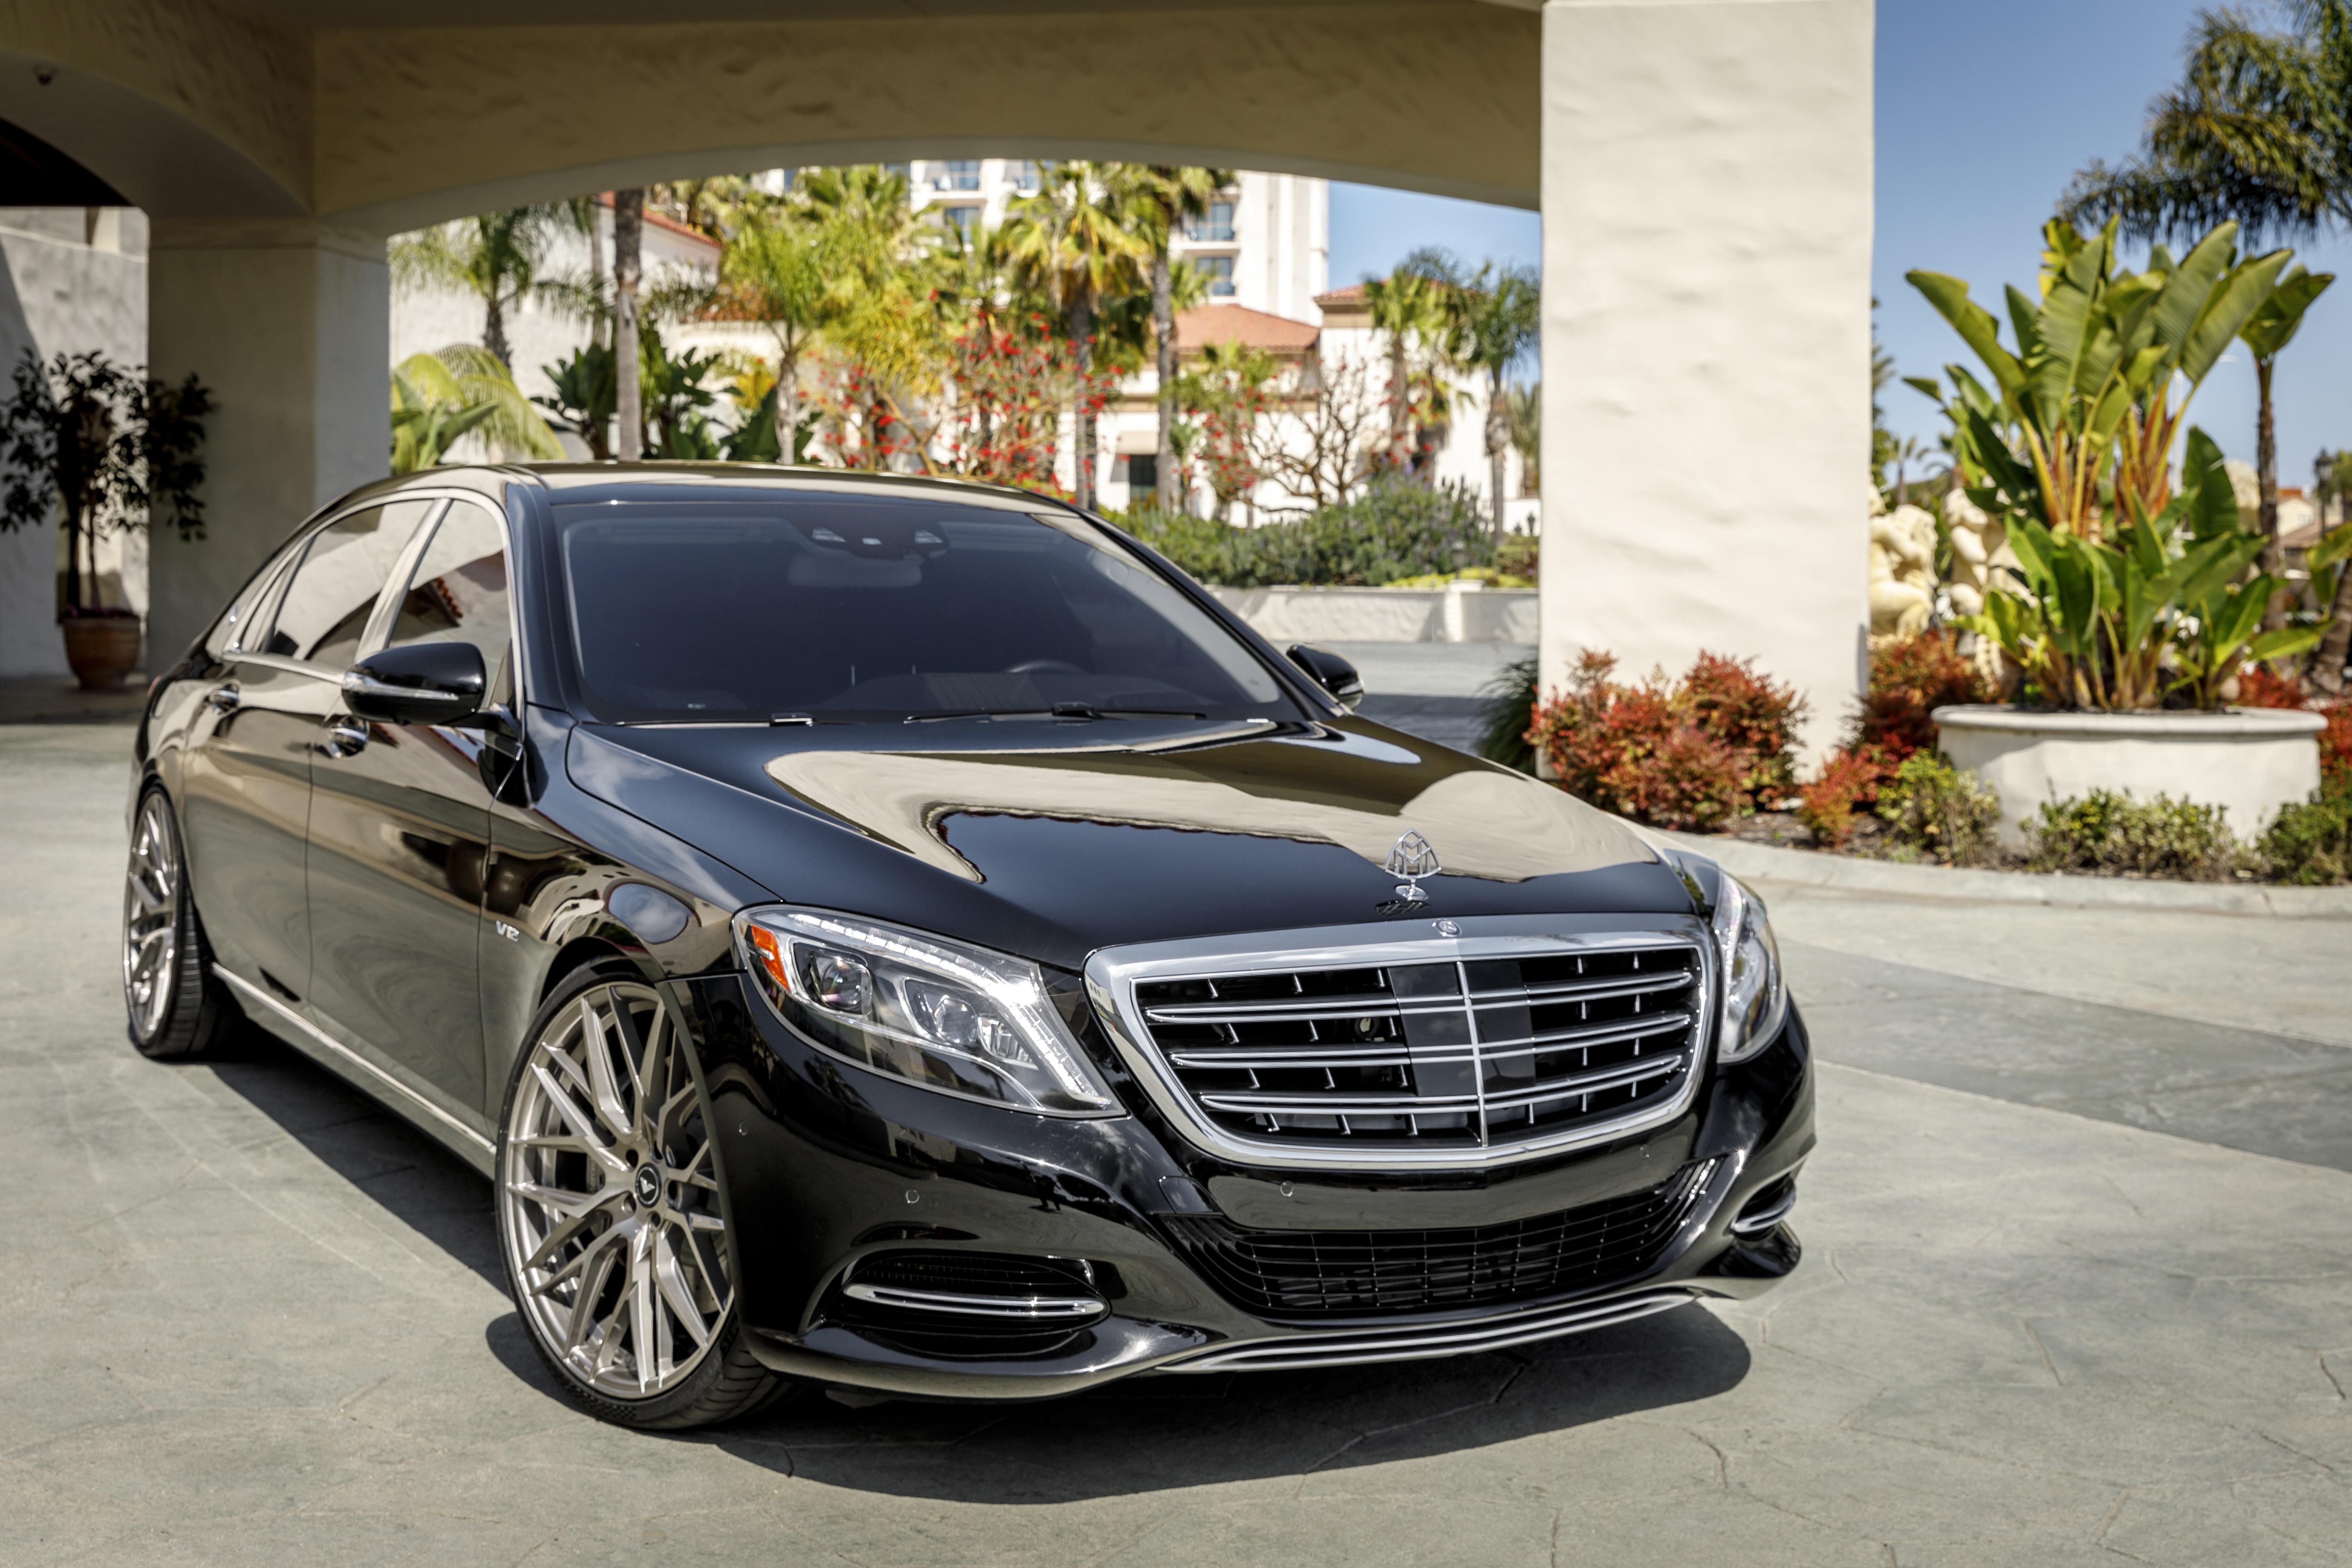 Desktop Wallpapers Mercedes-Benz Black Cars 6295x4197 auto automobile